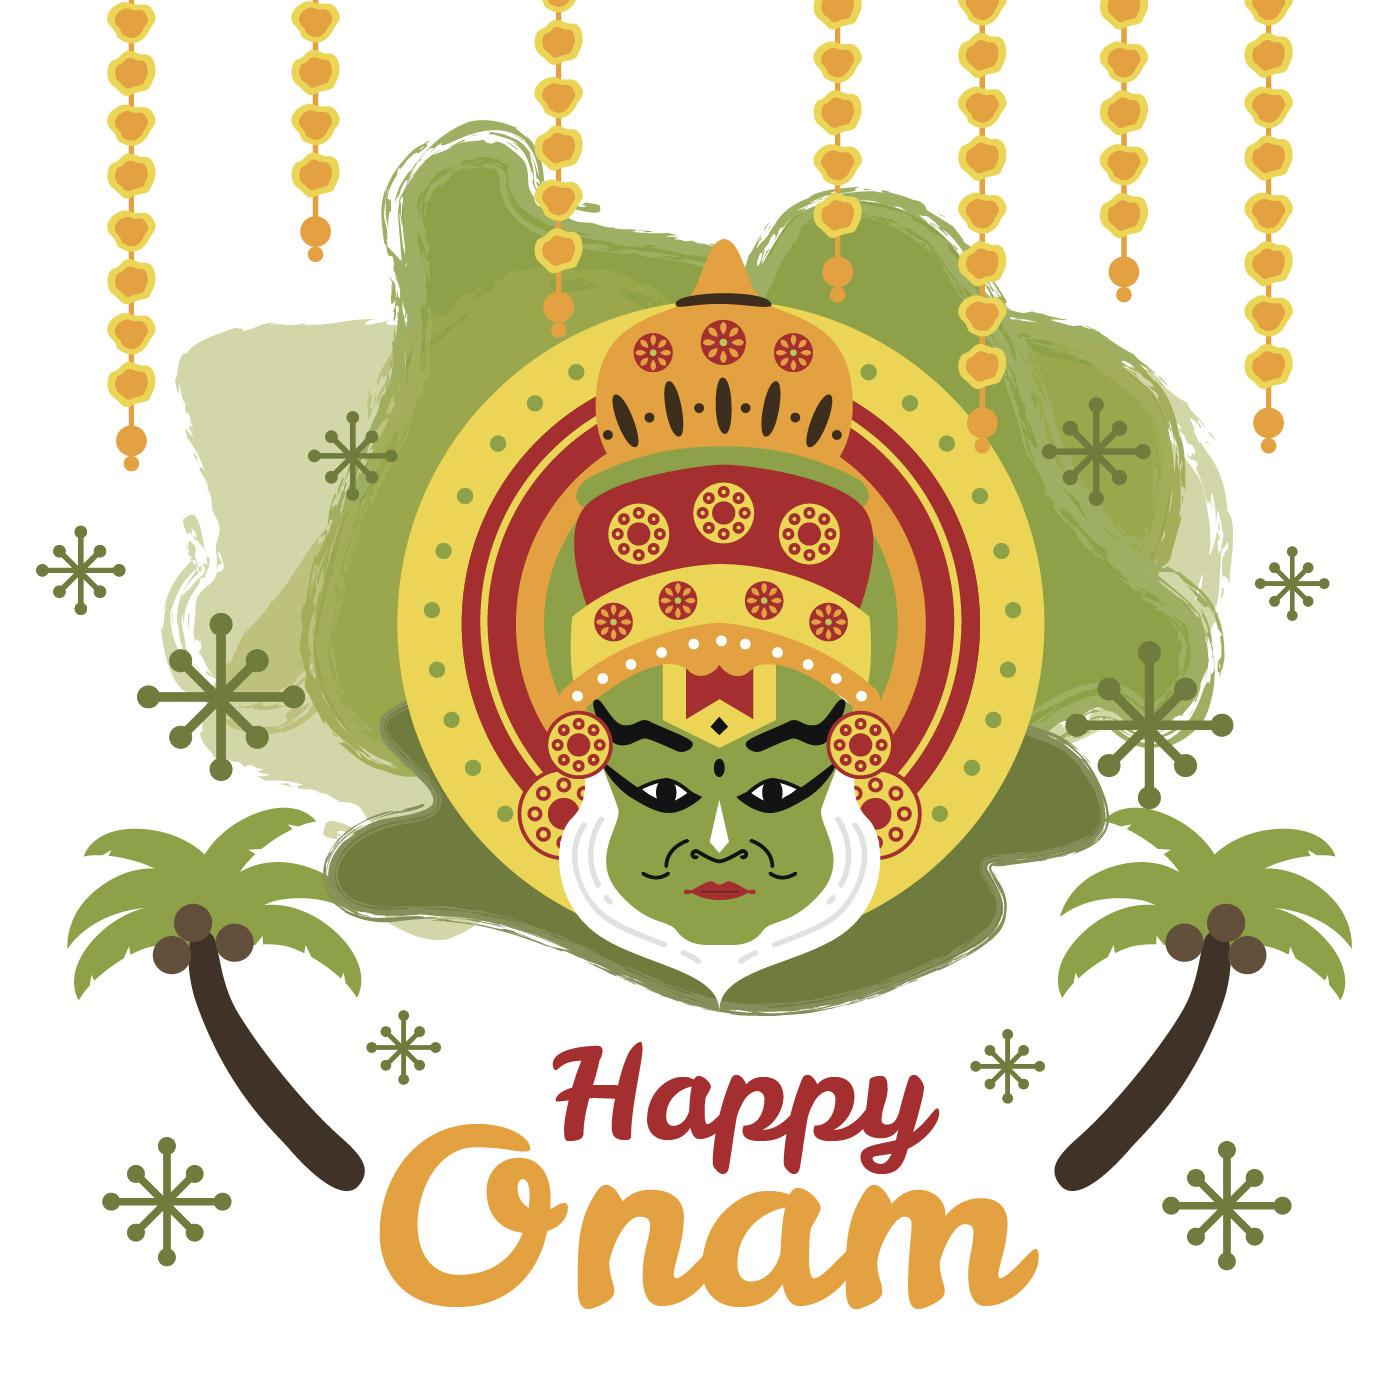 Happy Onam Background Descargue Grficos Y Vectores Gratis